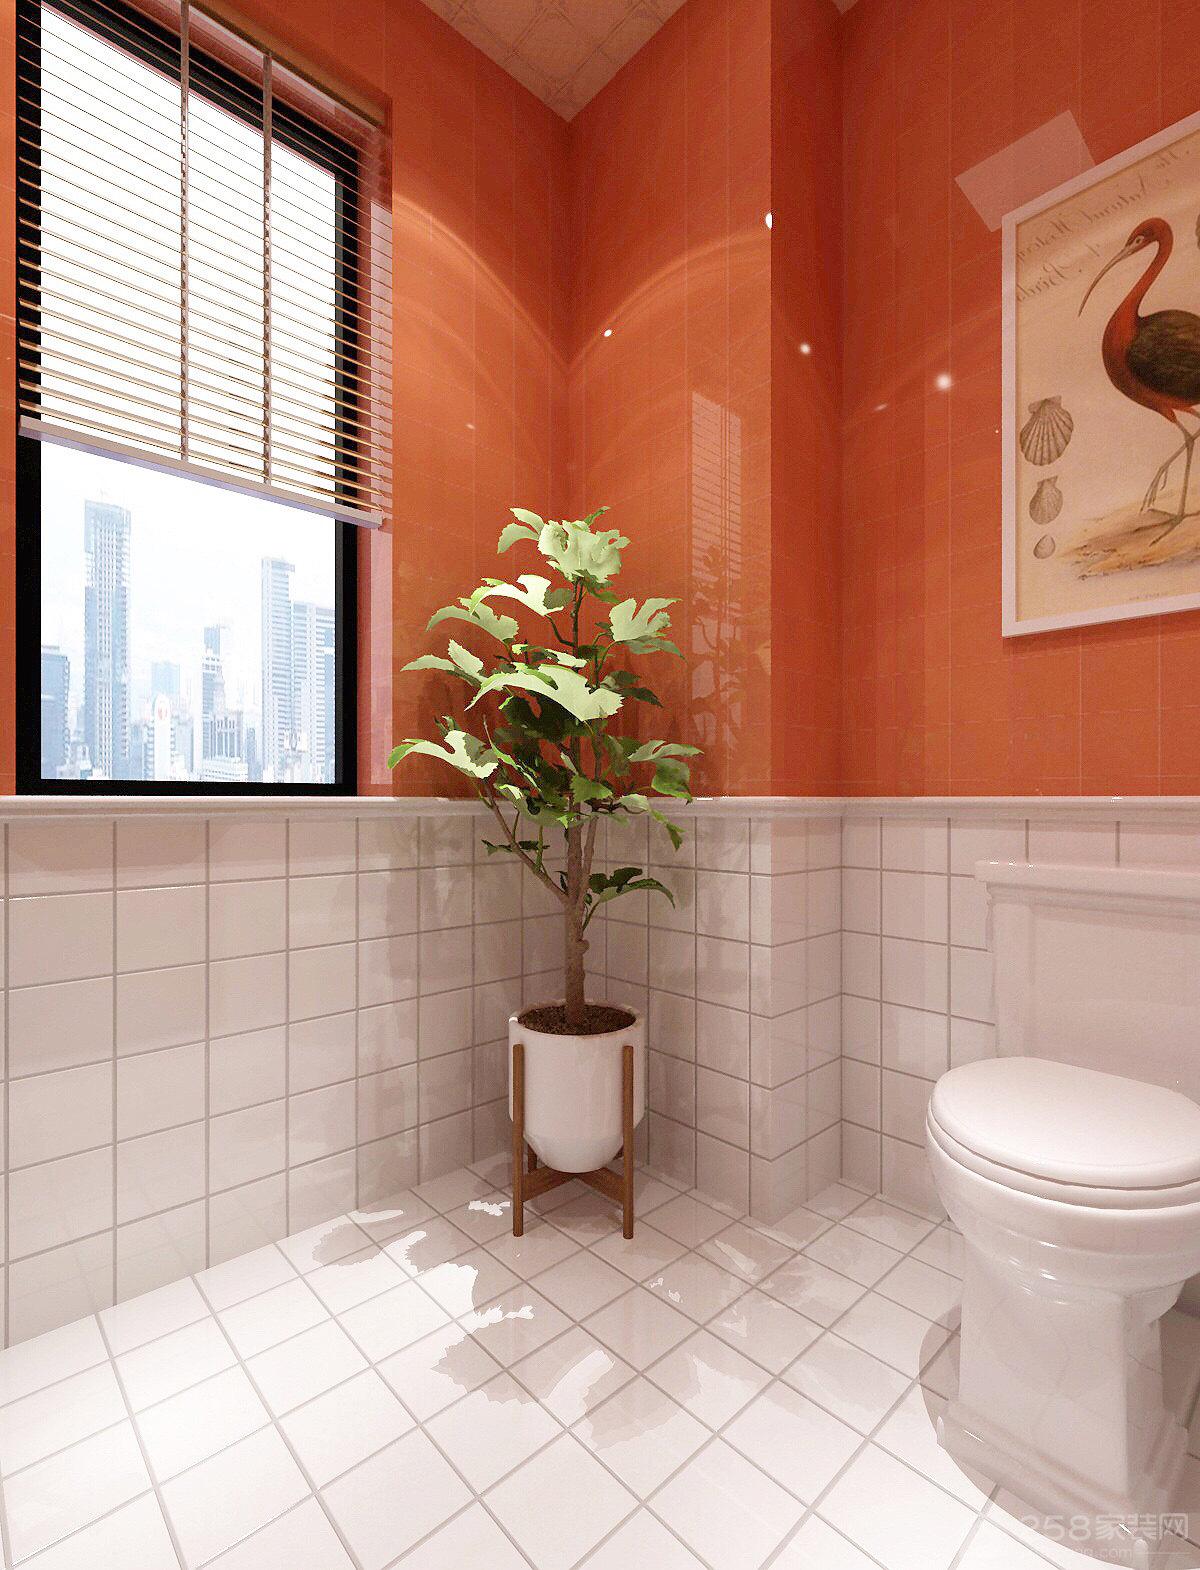 100㎡的现代简约三居室,设计很实用有价值